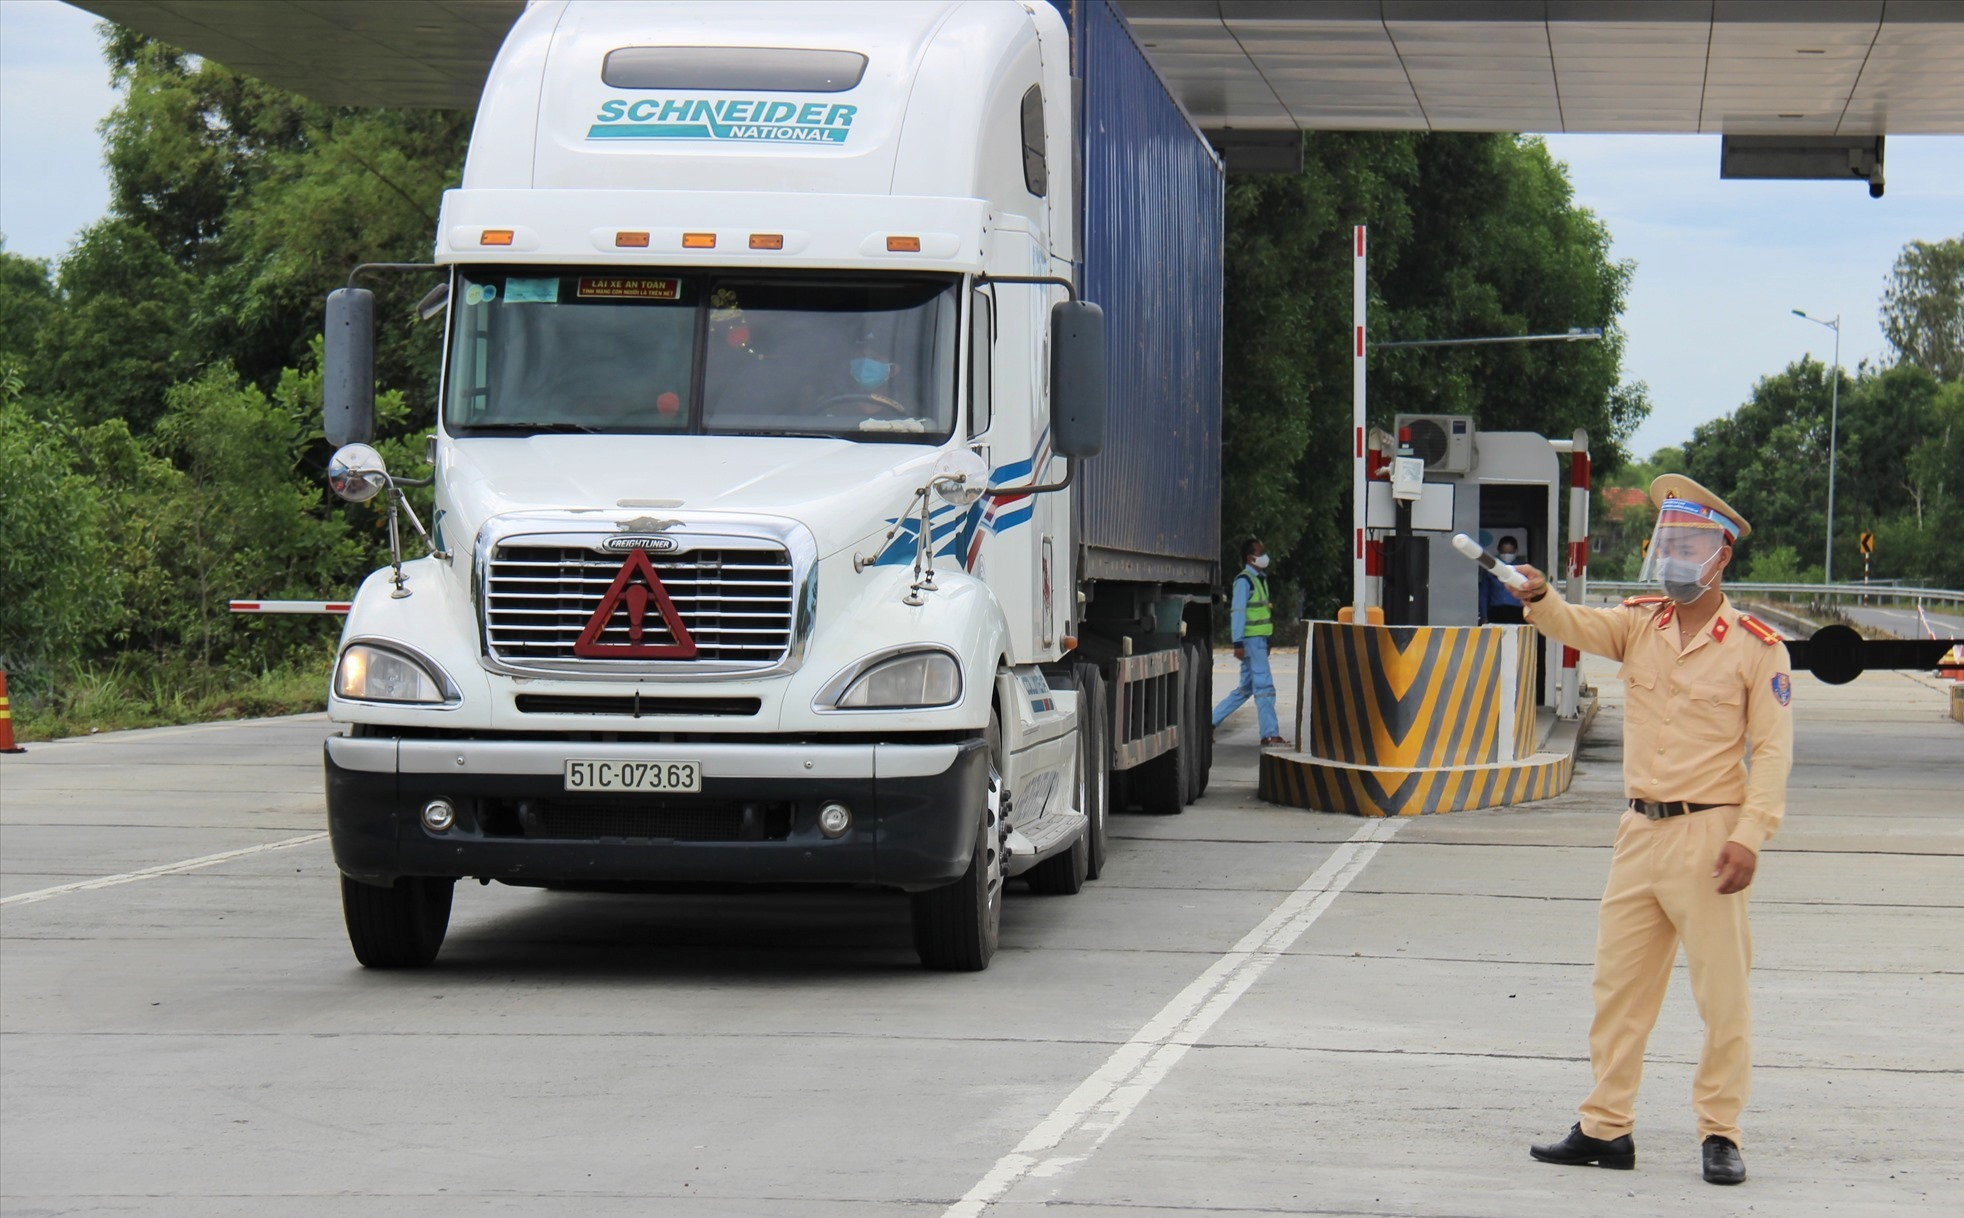 Công an huyện Thăng Bình dừng xe để kiểm tra y tế đối với tài xế lưu thông từ cao tốc Đà Nẵng - Quảng Ngãi xuống quốc lộ 14E. Ảnh: THANH THẮNG